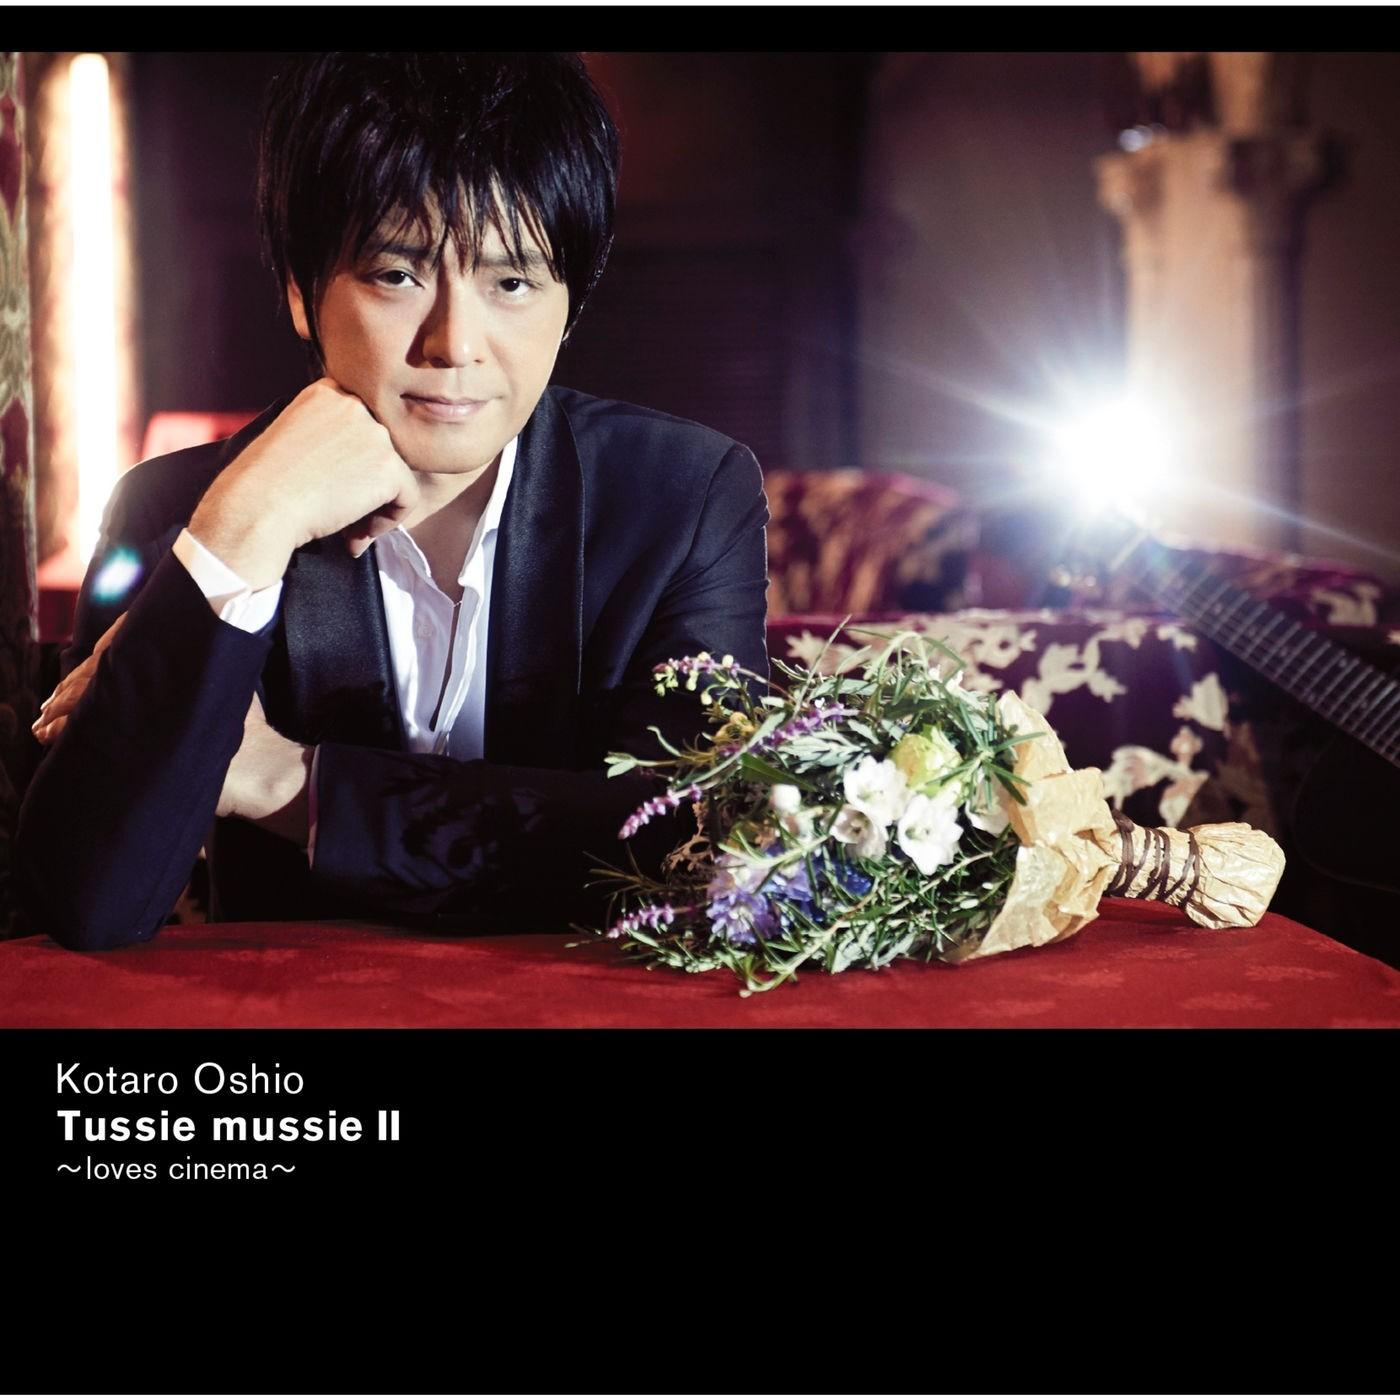 押尾コータロー (Kotaro Oshio) – Tussie mussie II 〜loves cinema〜 [FLAC 24bit/96kHz]